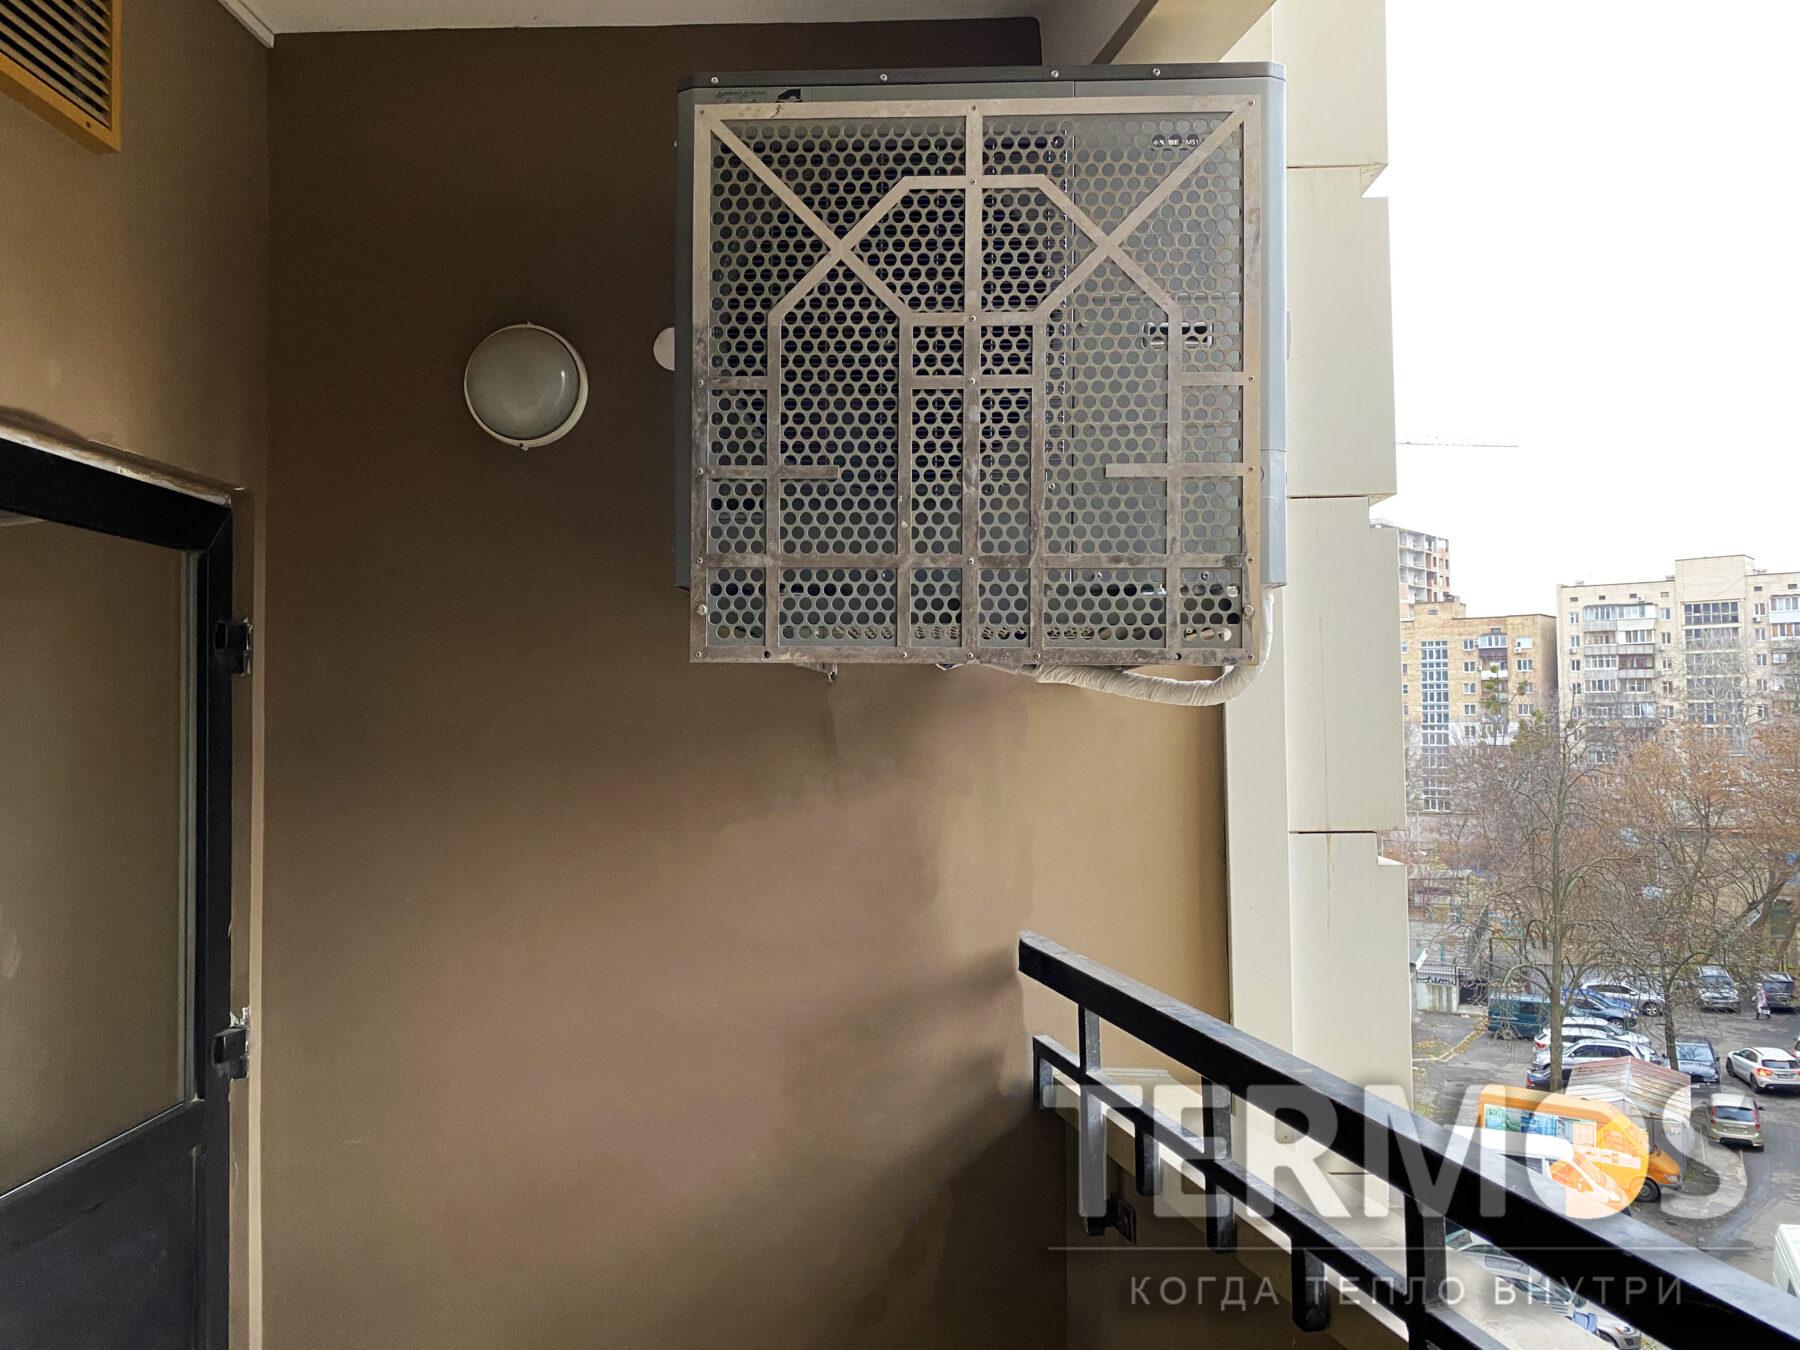 Киев. Квартира 150 кв.м. Наружный блок воздушного теплового насоса NIBE (Швеция) AMS 10 12 кВт, отопление / охлаждение